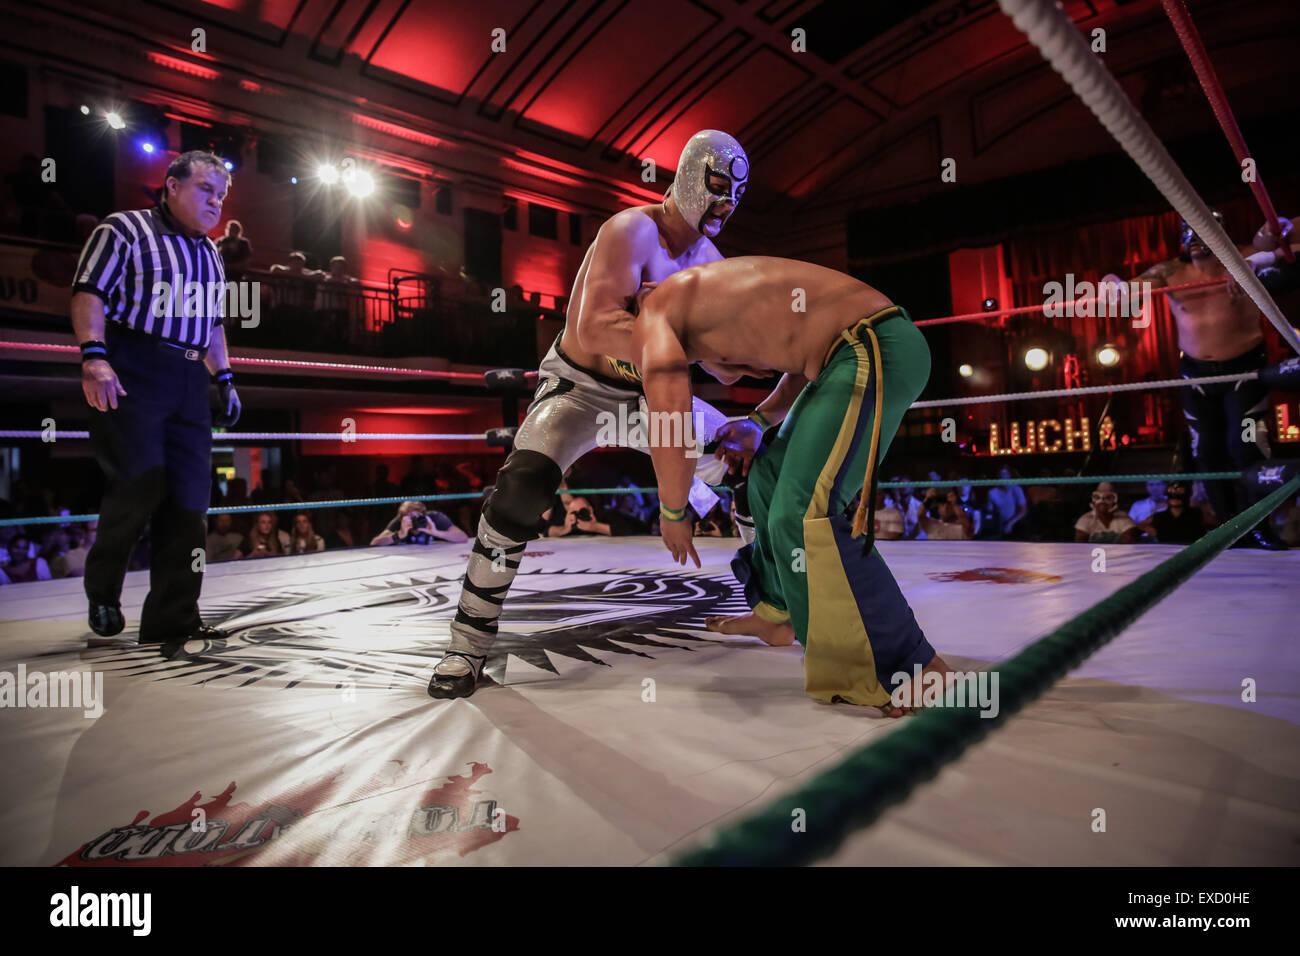 Londres, Royaume-Uni. 11 juillet, 2015. lucha libre combat libre mexicain à York Hall, London , UK Crédit: Photo Stock